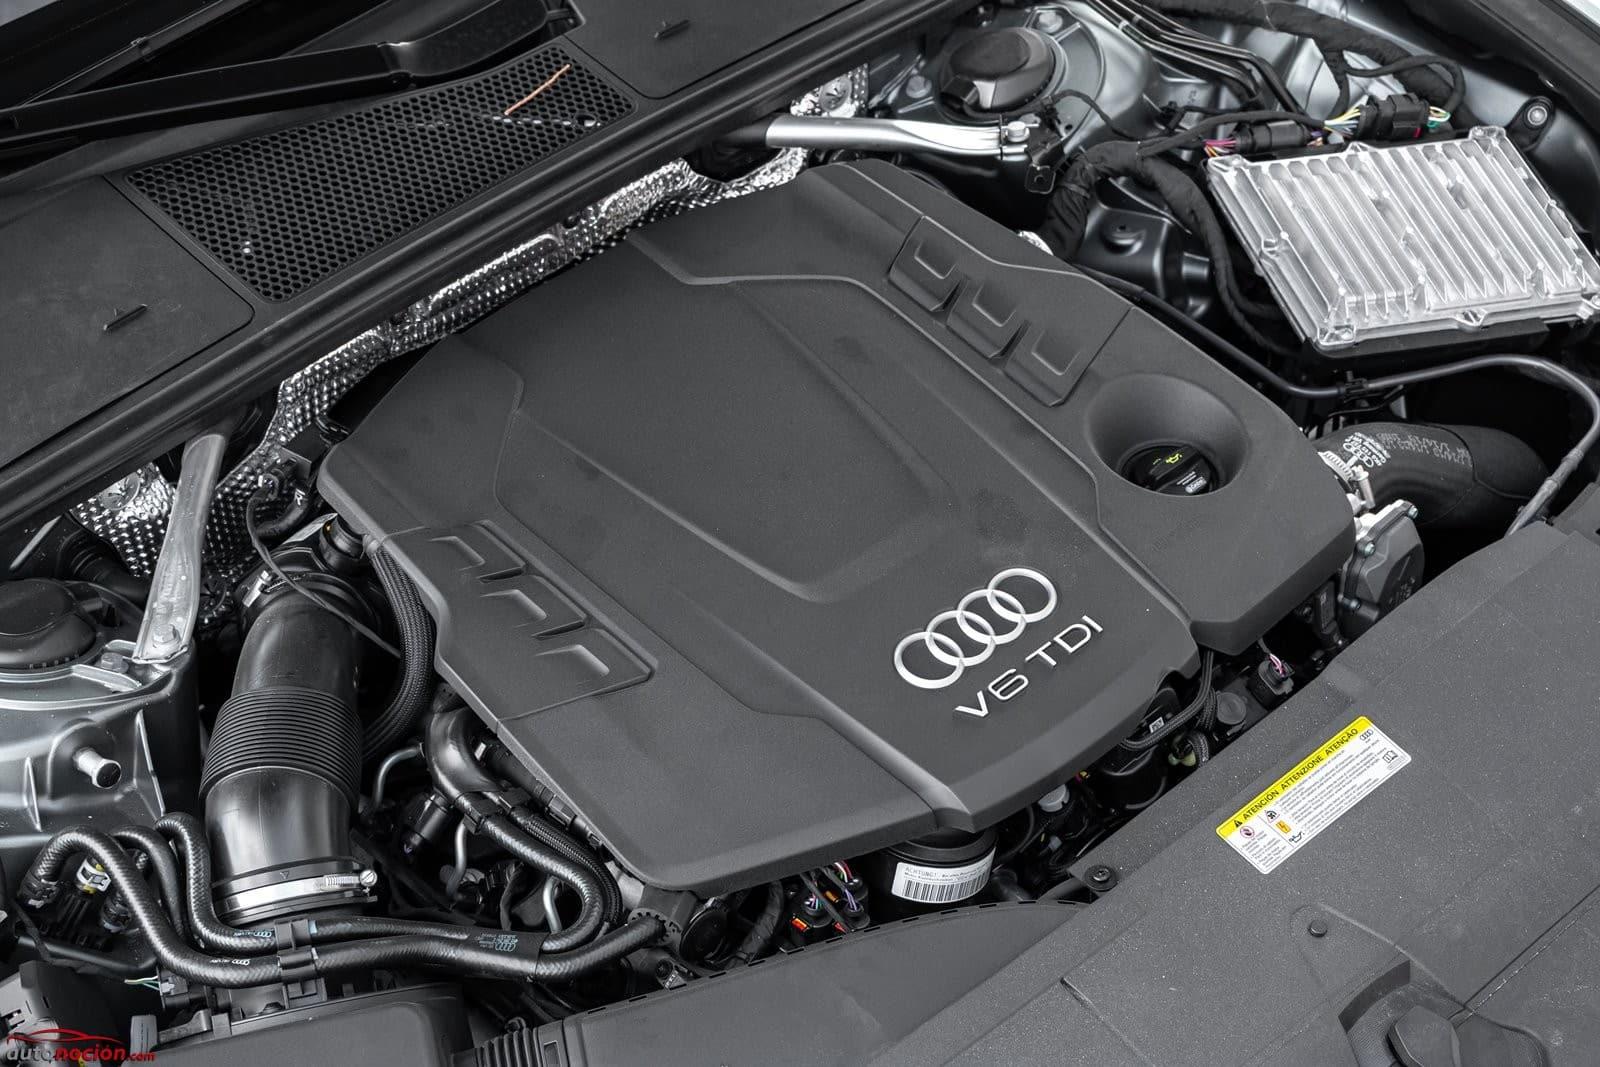 Motor diésel con depósito de adblue